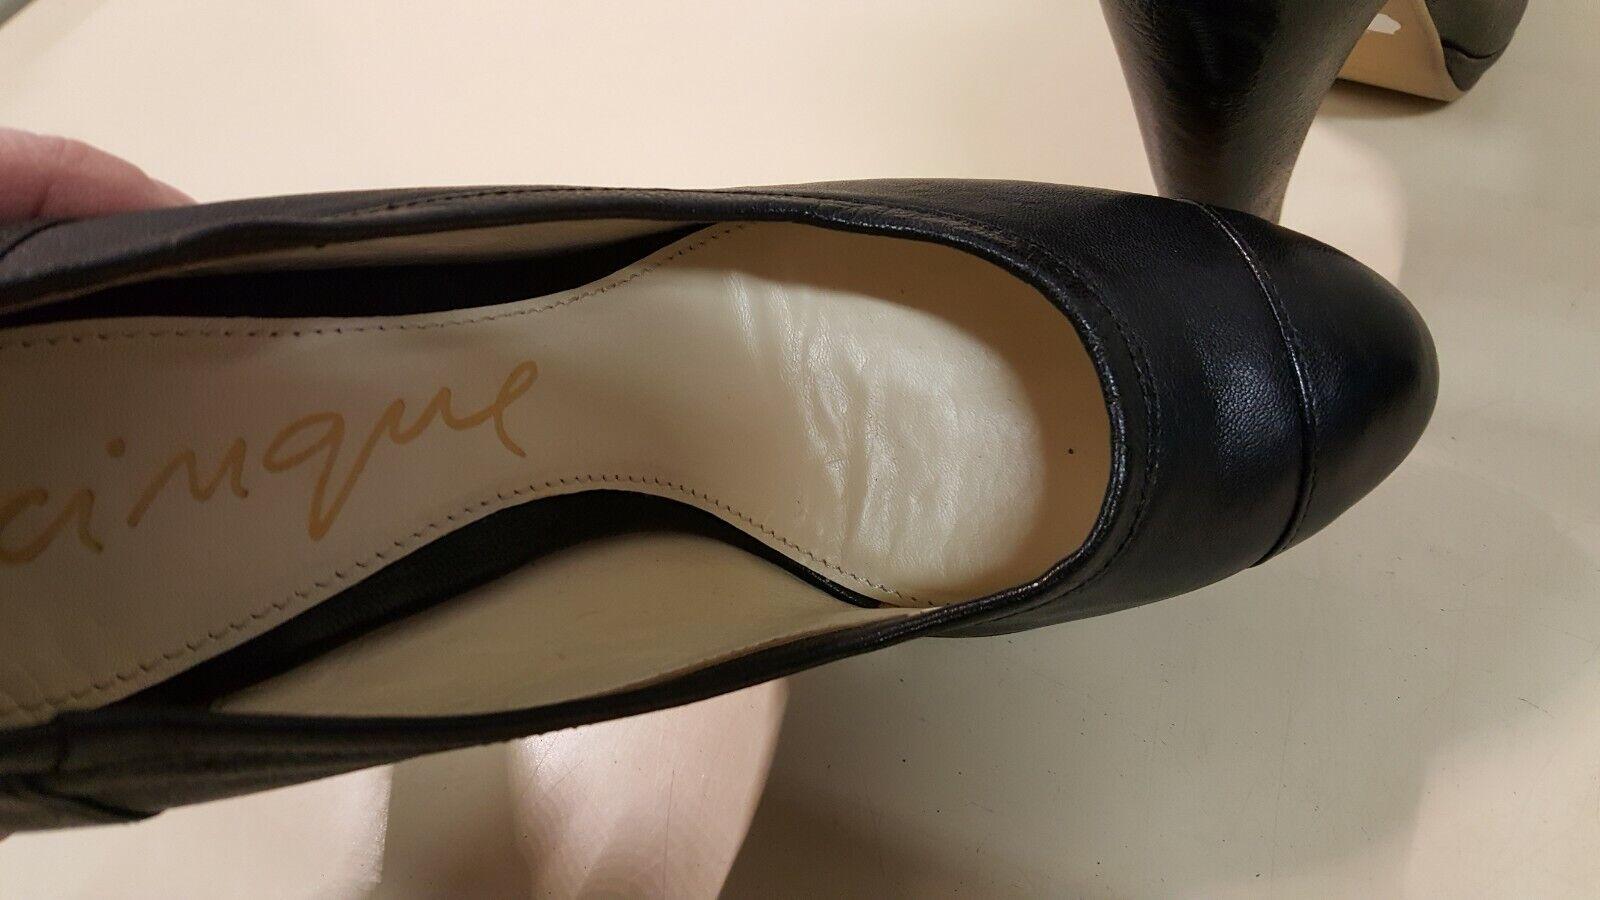 Ё841)Luxus Ё841)Luxus Ё841)Luxus Marken CINQUE sexy Schuhe Pumps Leder Gr.37 NEU cae27b